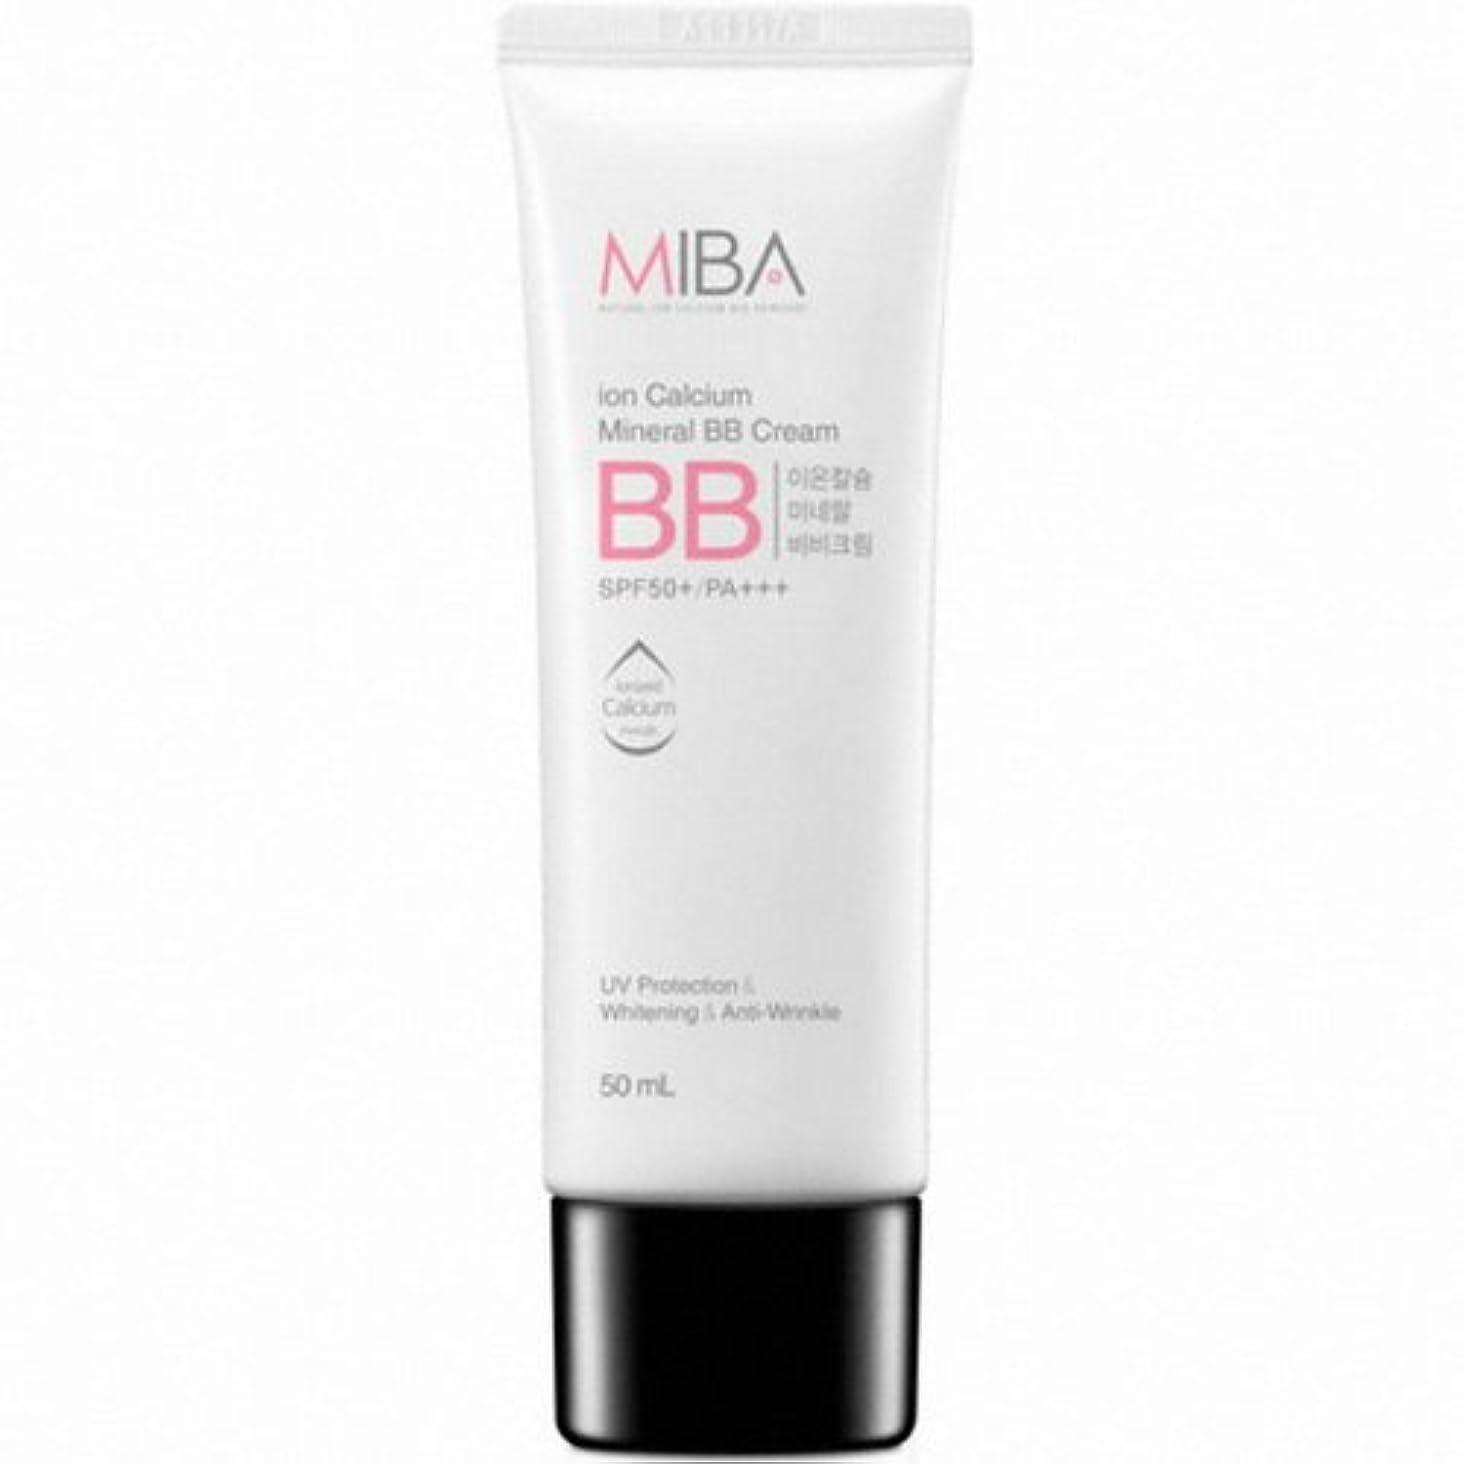 不快な形式予感MINERALBIO (ミネラルバイオ) ミバ イオン カルシウム ミネラル ビビクリーム / MIBA Ion Calcium Mineral BB Cream (50ml) [並行輸入品]